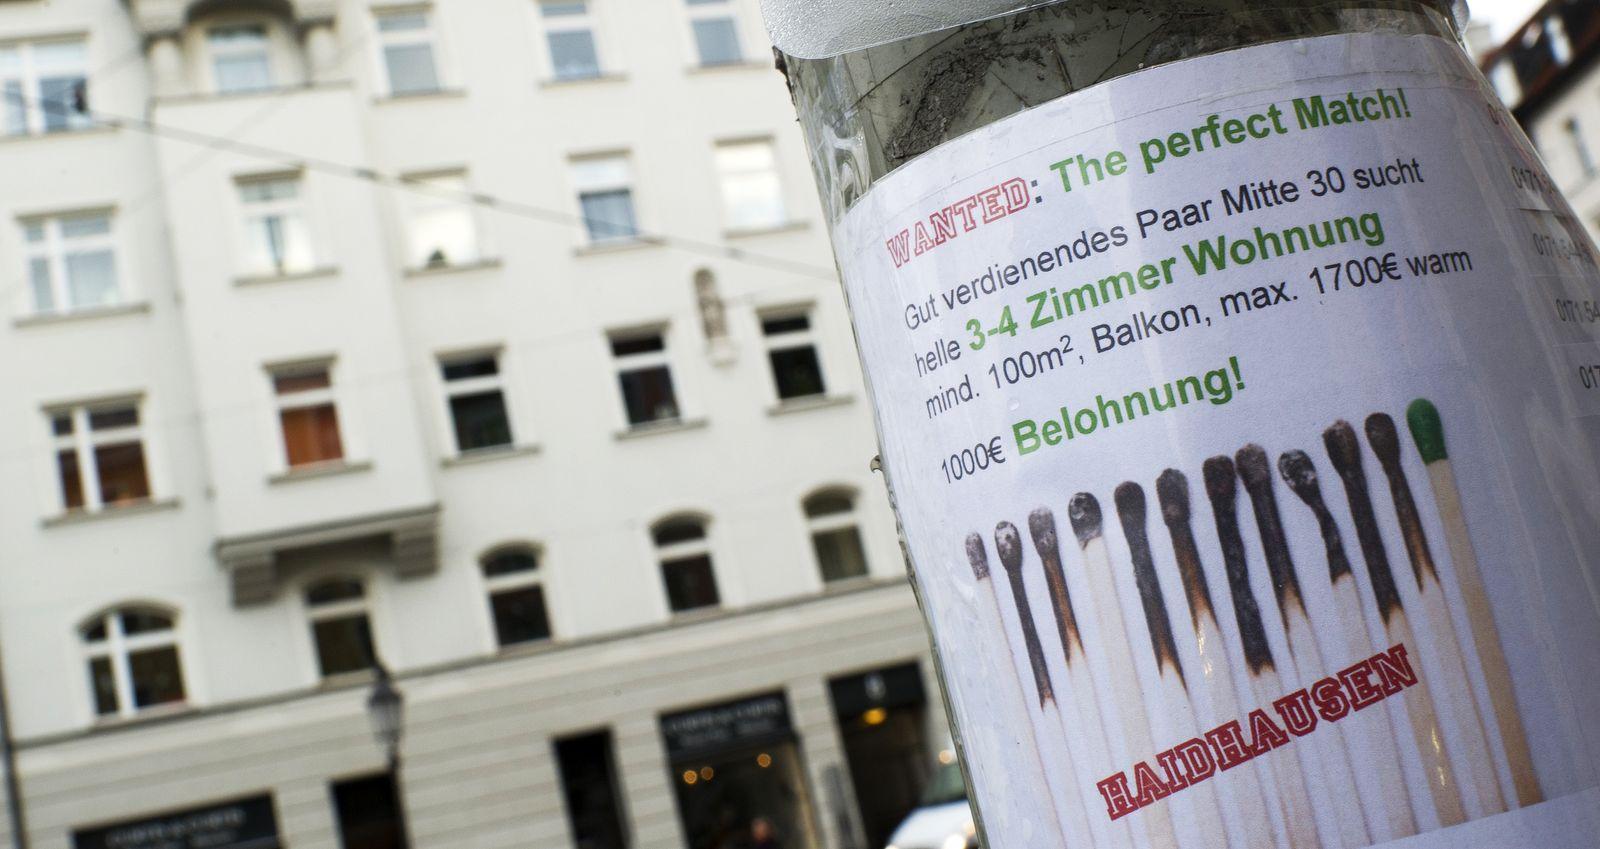 Wohnungssuche / Münchner Mieten